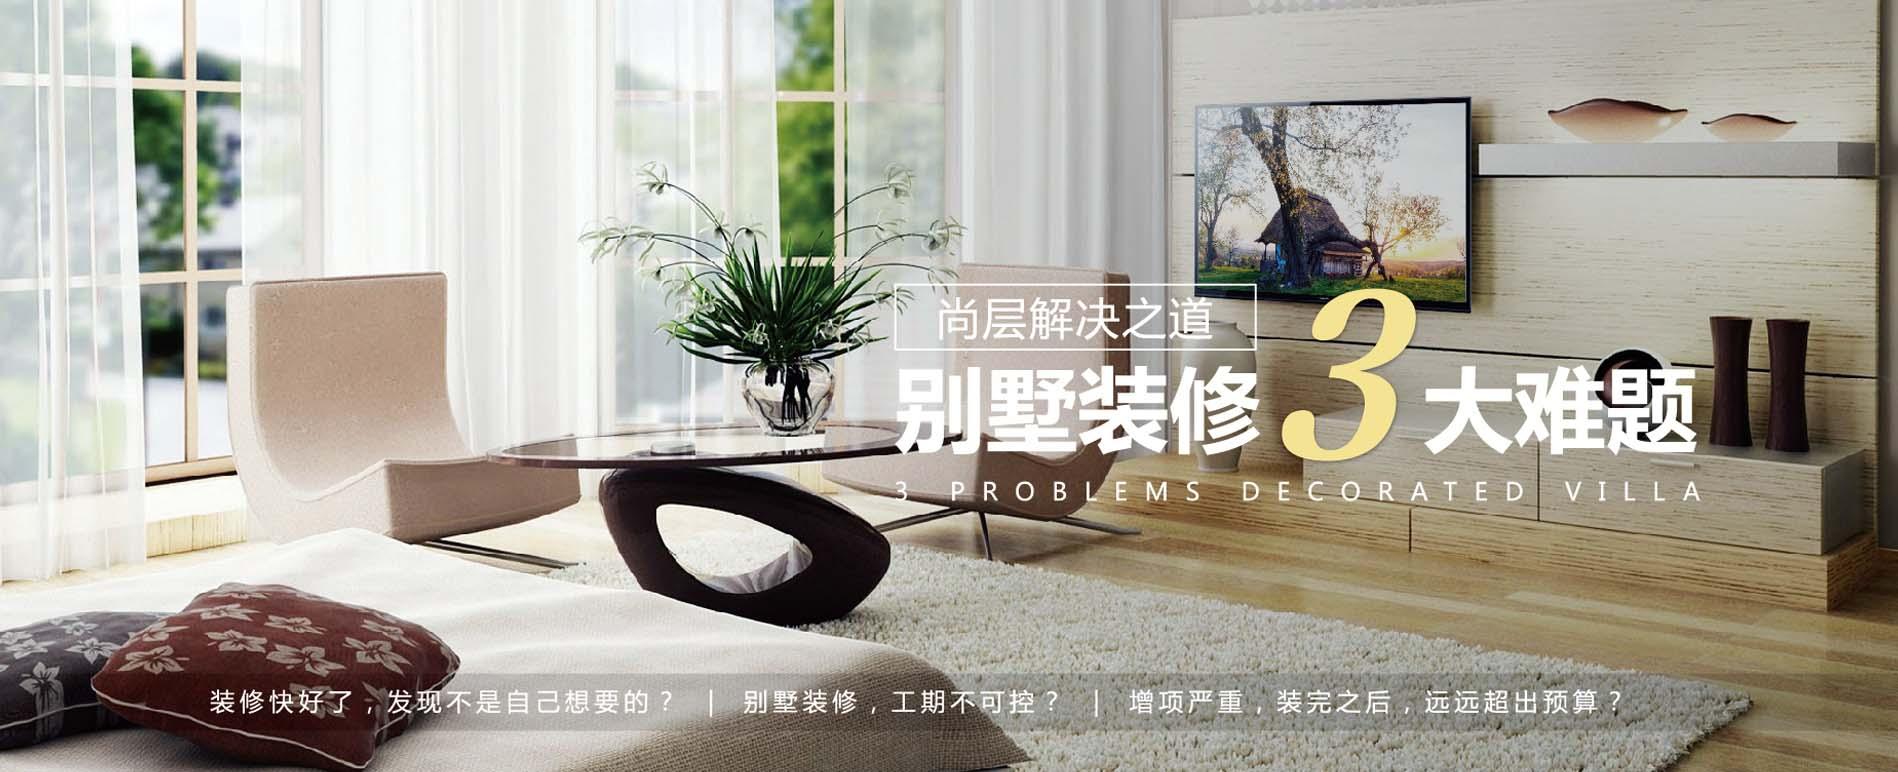 上海别墅装修3大难题